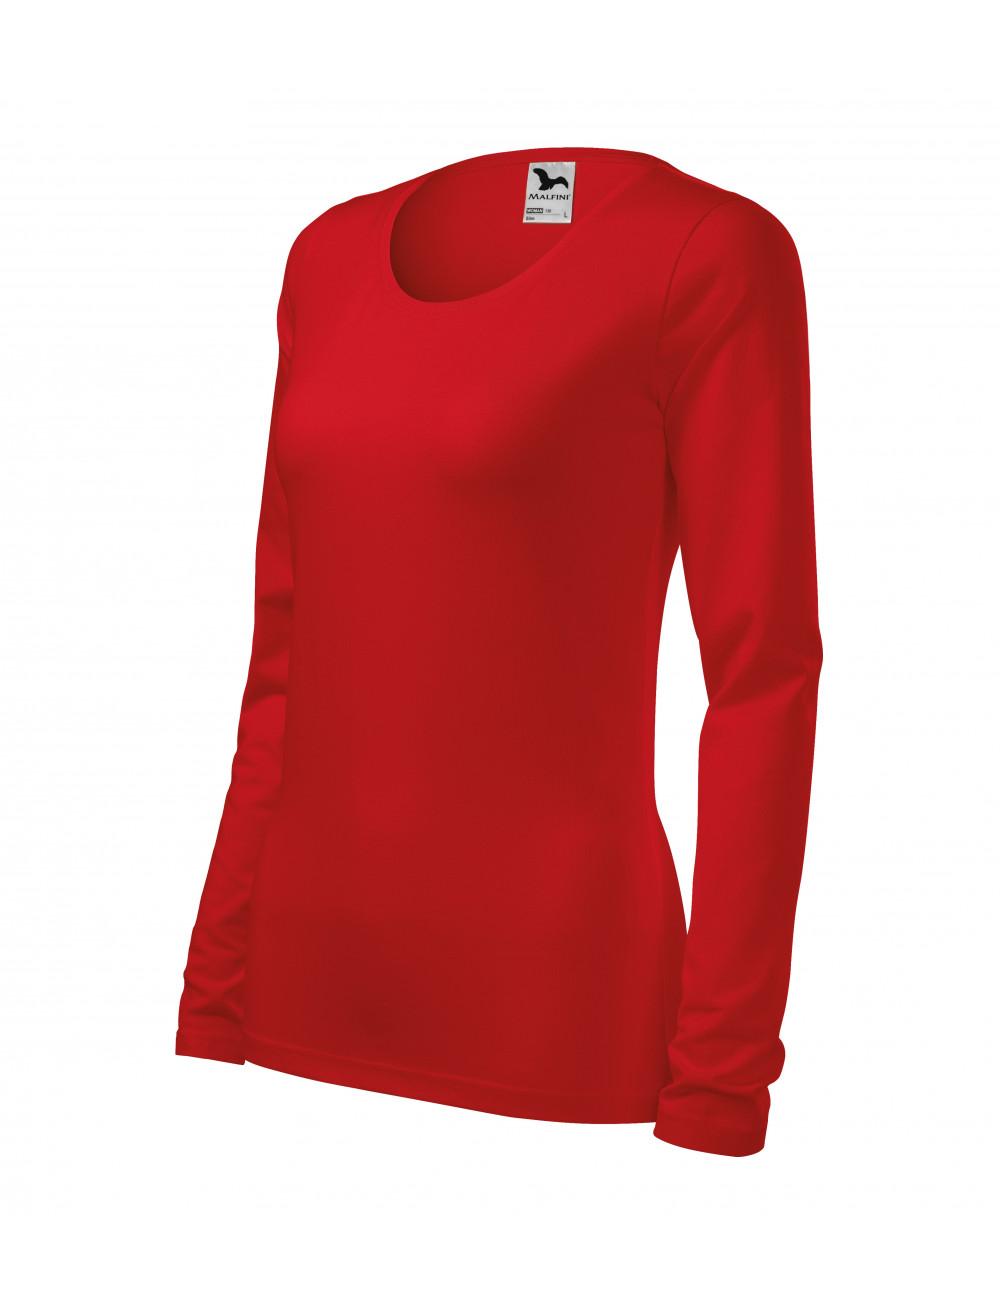 Adler MALFINI Koszulka damska Slim 139 czerwony